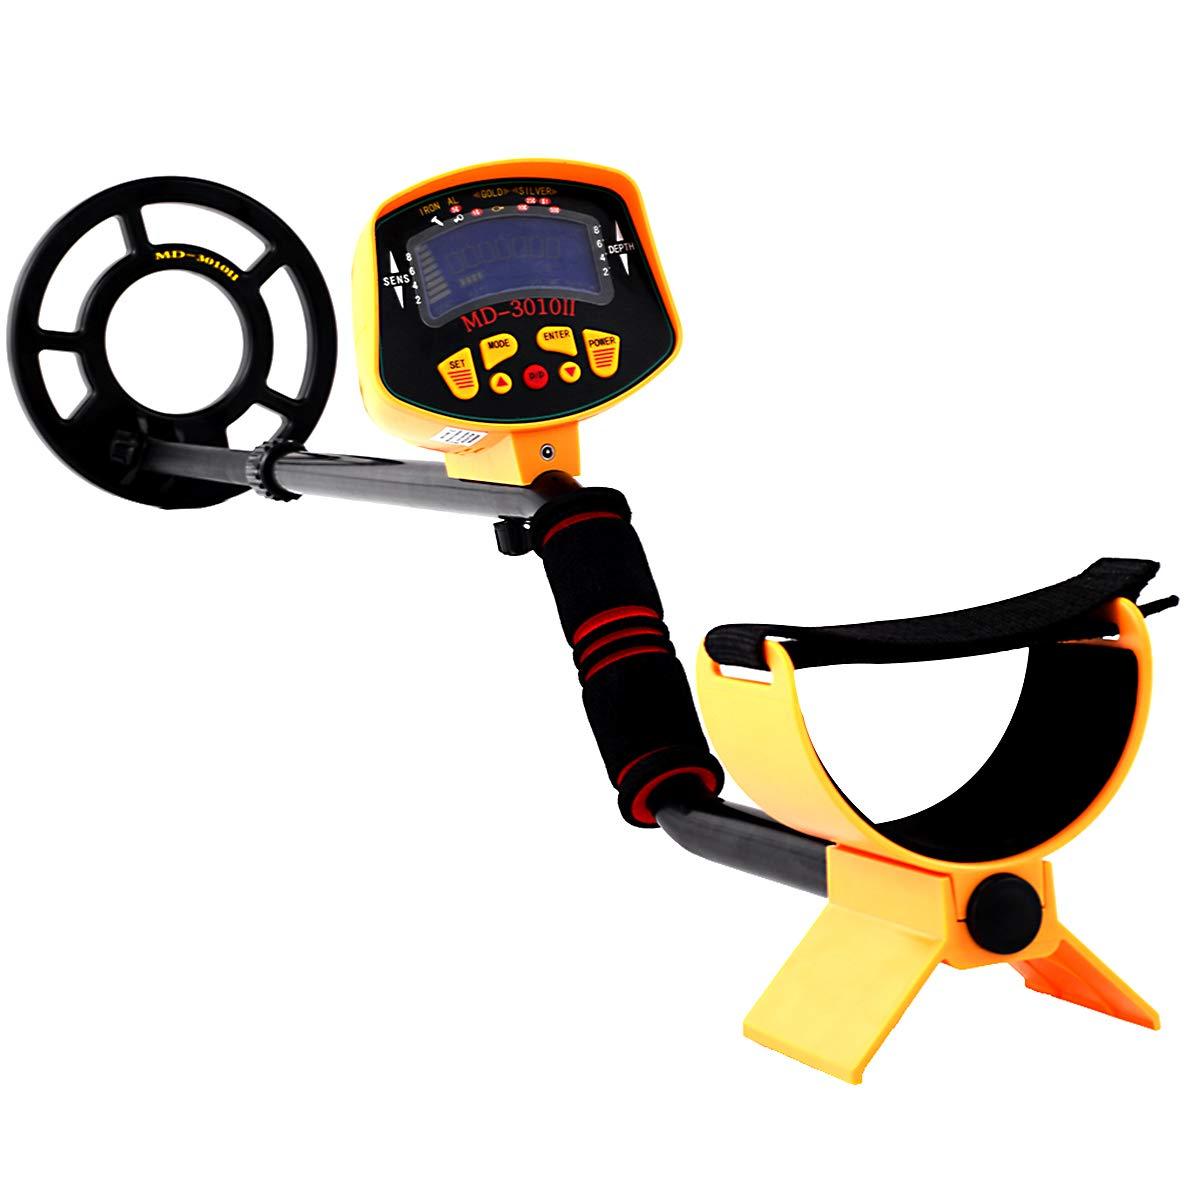 Detectores de metal detector de metales de profundidad sensor detector de metal dispositivo de rastreo de hasta 1,5 m: Amazon.es: Bricolaje y herramientas